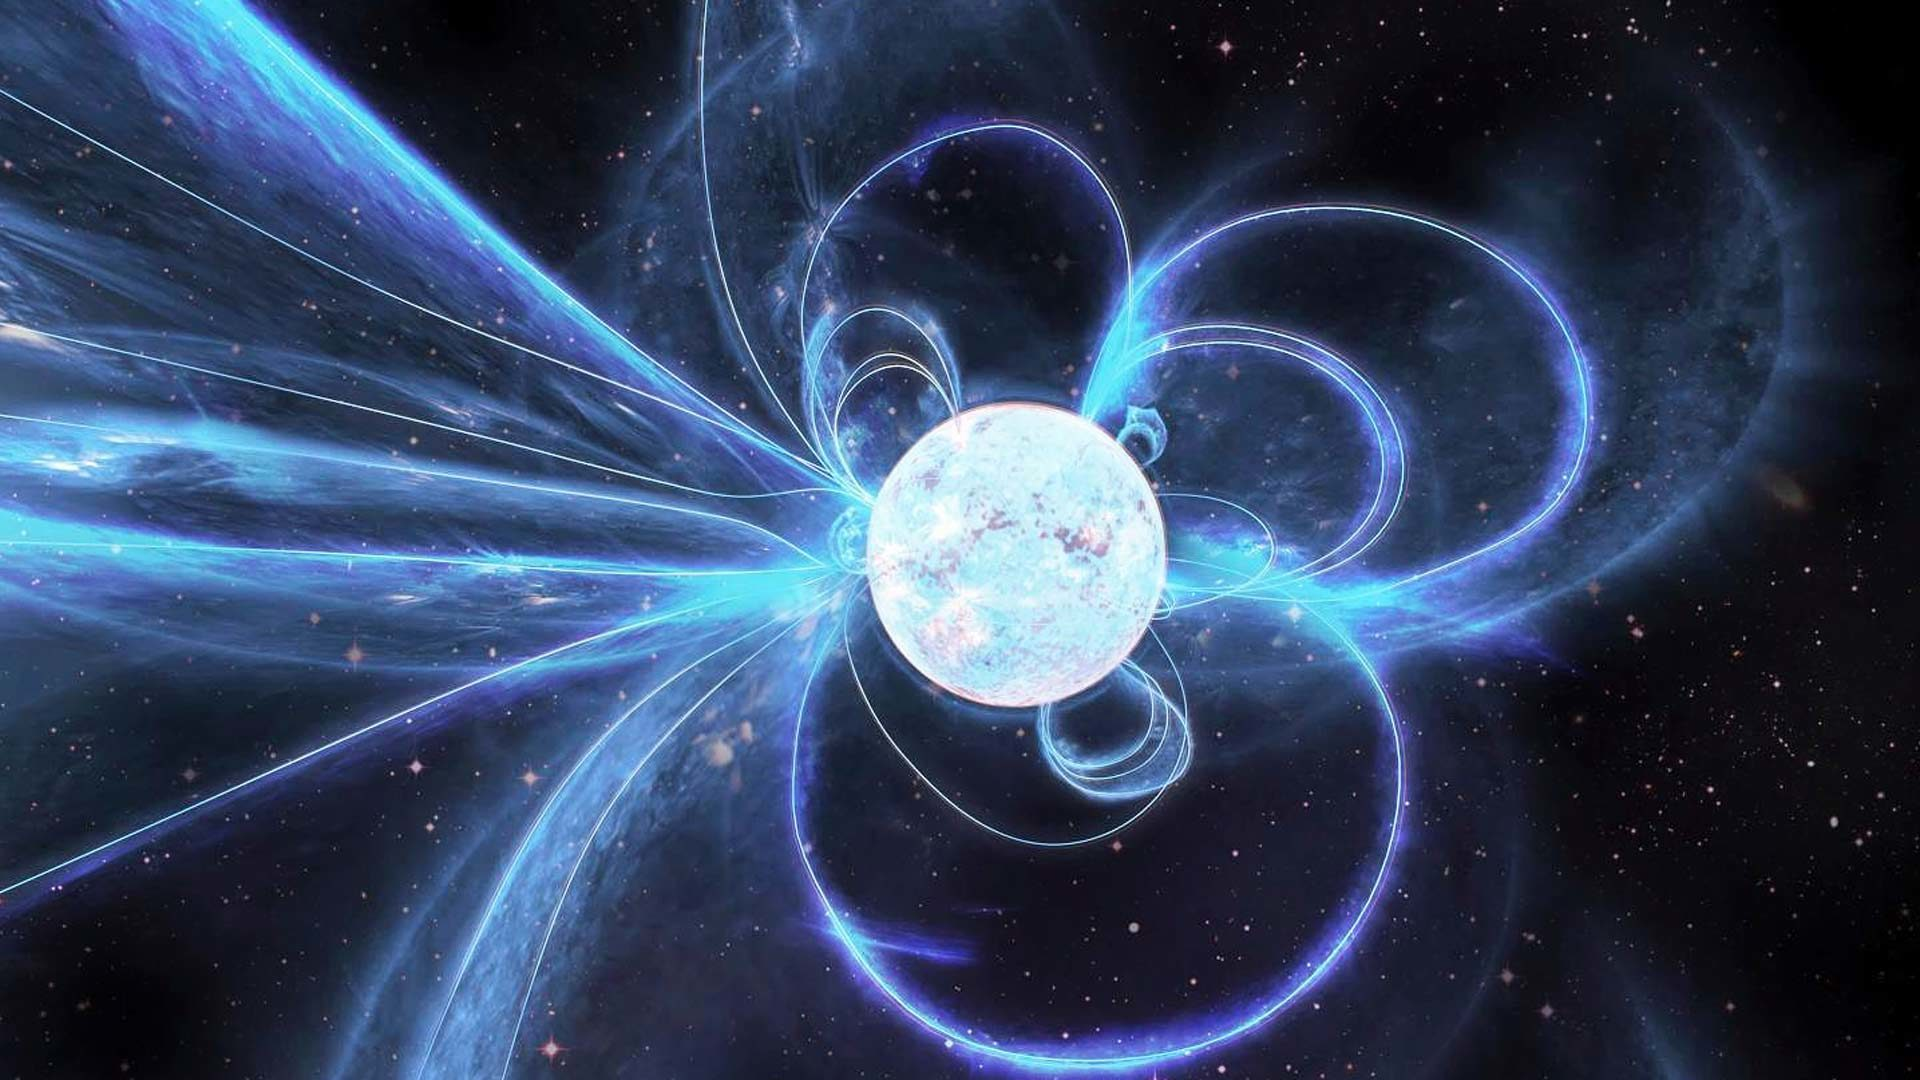 Välillä neutronitähti hehkui tasaisesti, mutta välillä se taas sykki kuin pulsari.